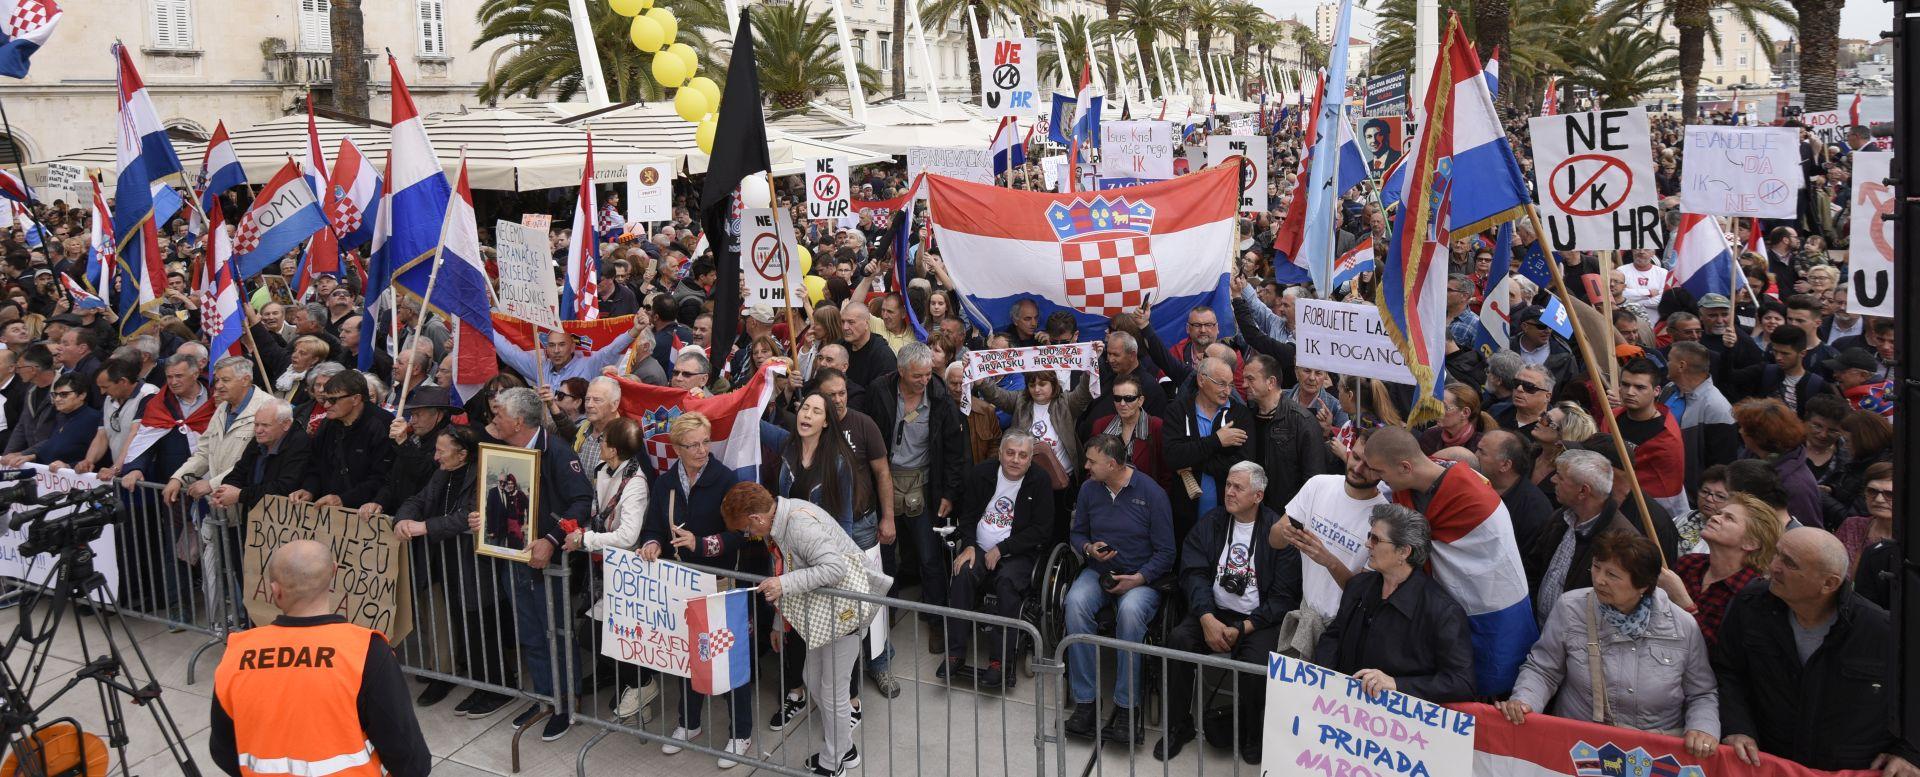 POLICIJA Na skupu u Splitu okvirno 15 tisuća ljudi